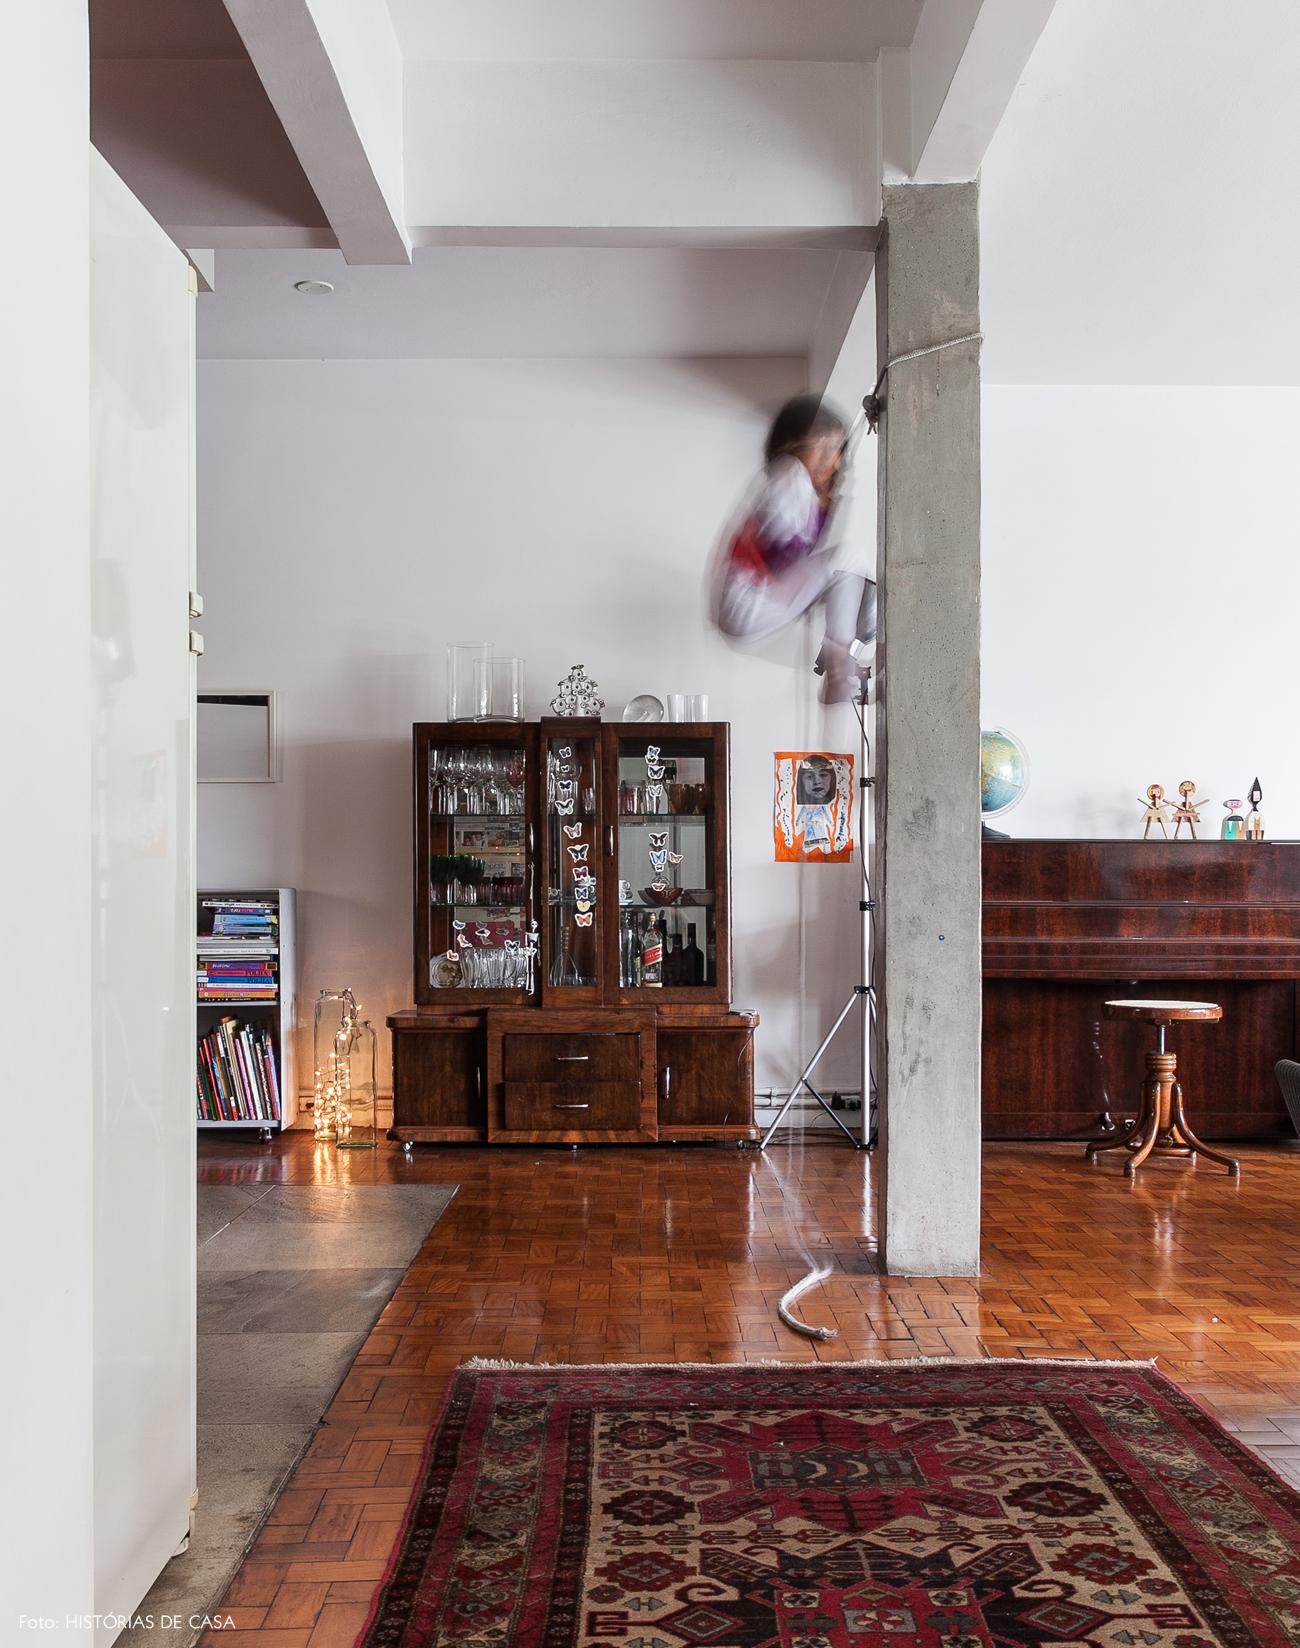 03-decoracao-sala-estar-integrada-concreto-cristaleira-antiga